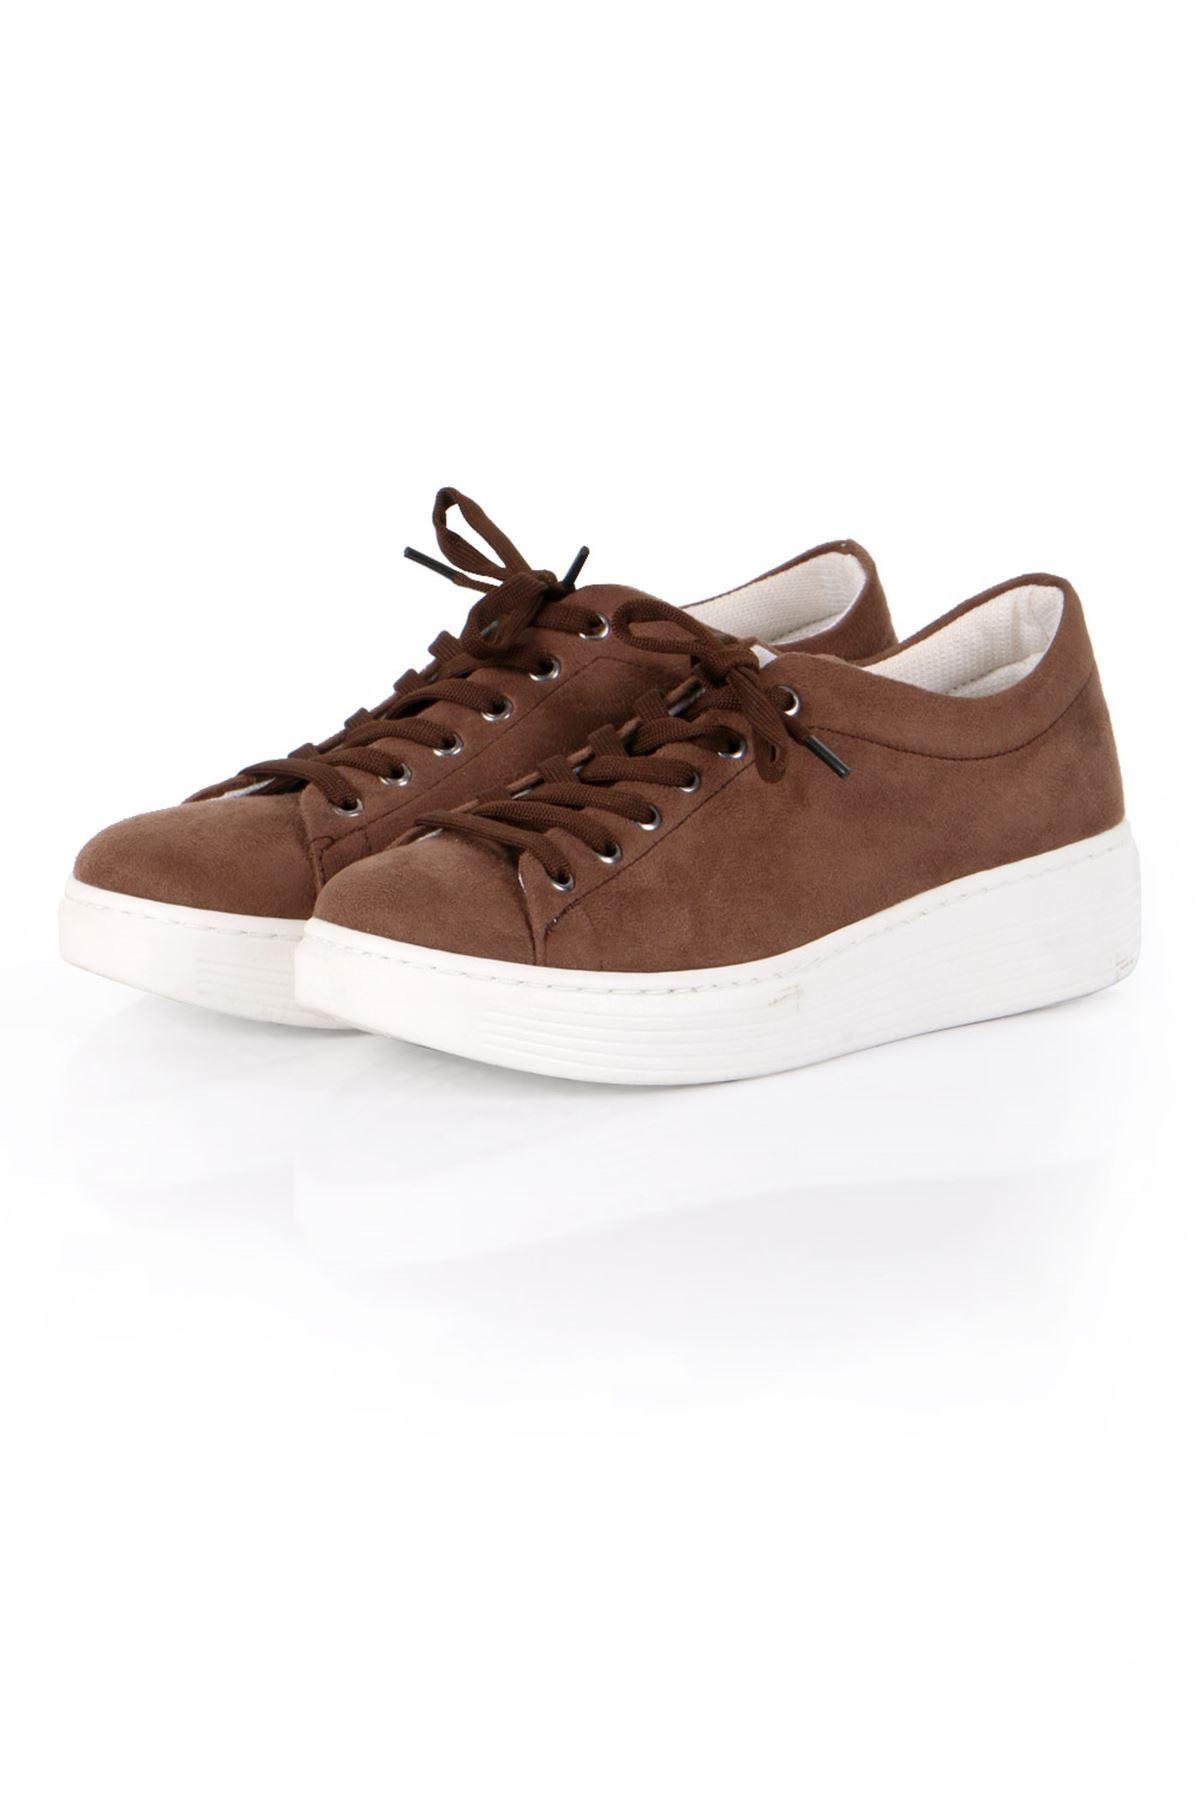 Kahverengi Süet Bağcıklı Spor Sneaker Ayakkabı